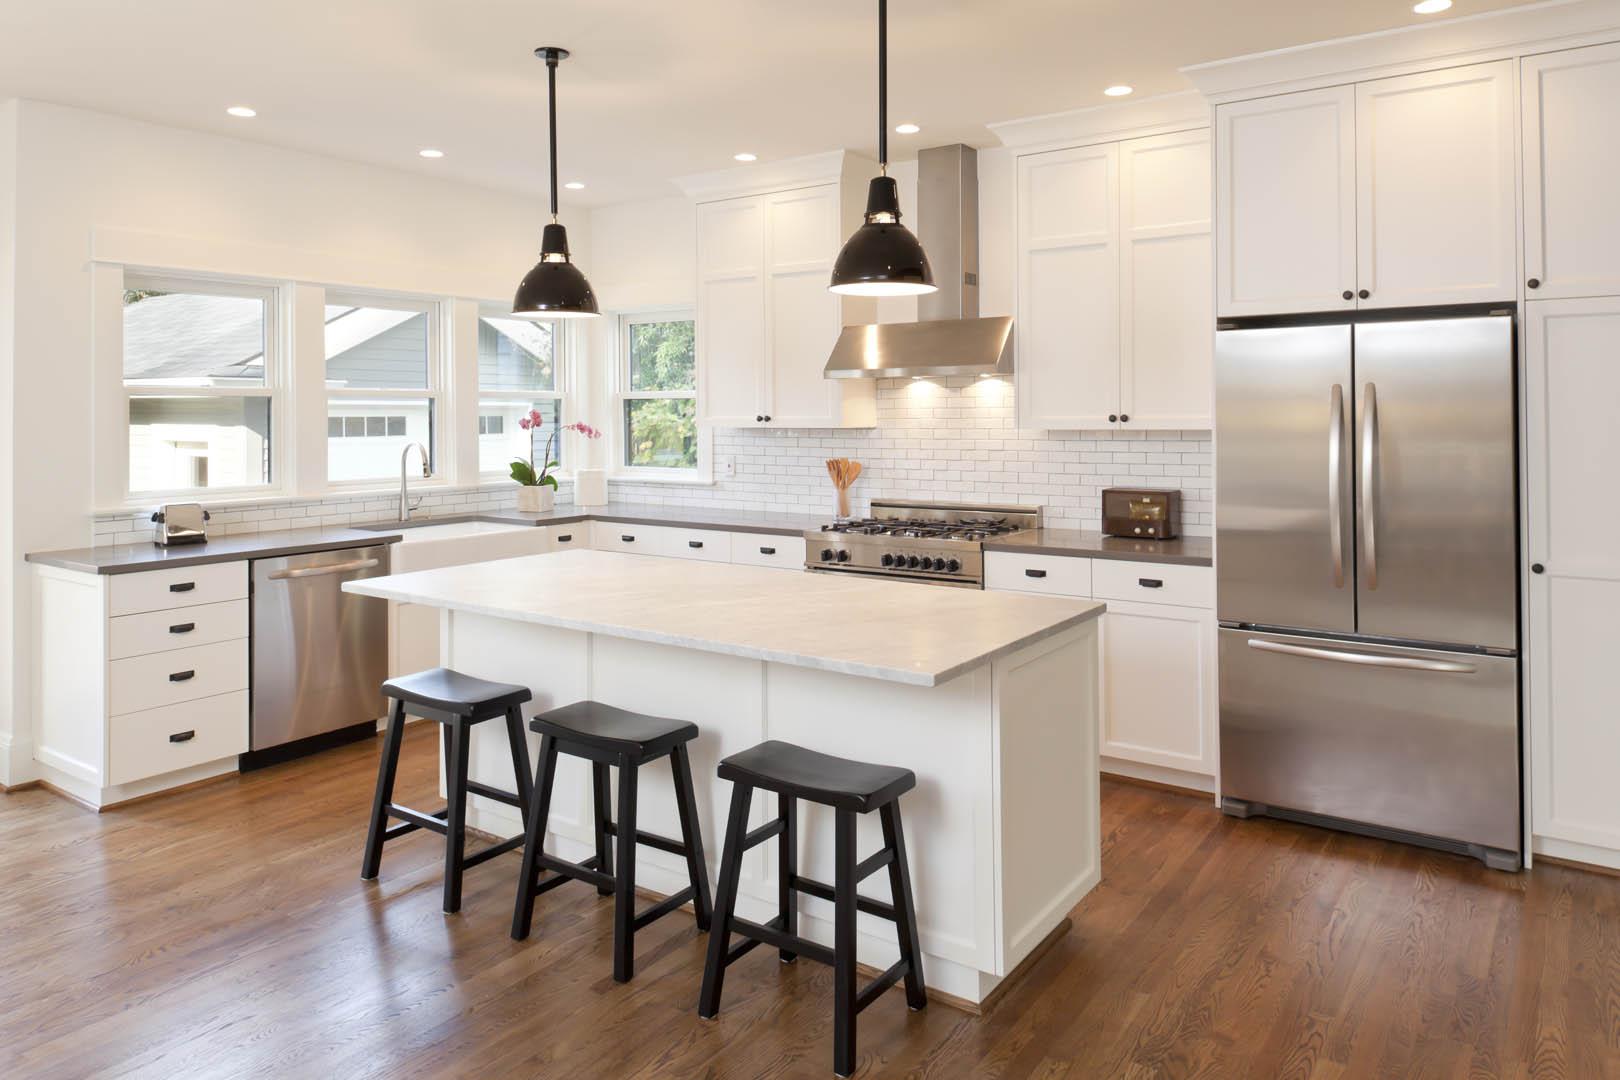 Kitchen Remodeling | TerraHomeRemodeling